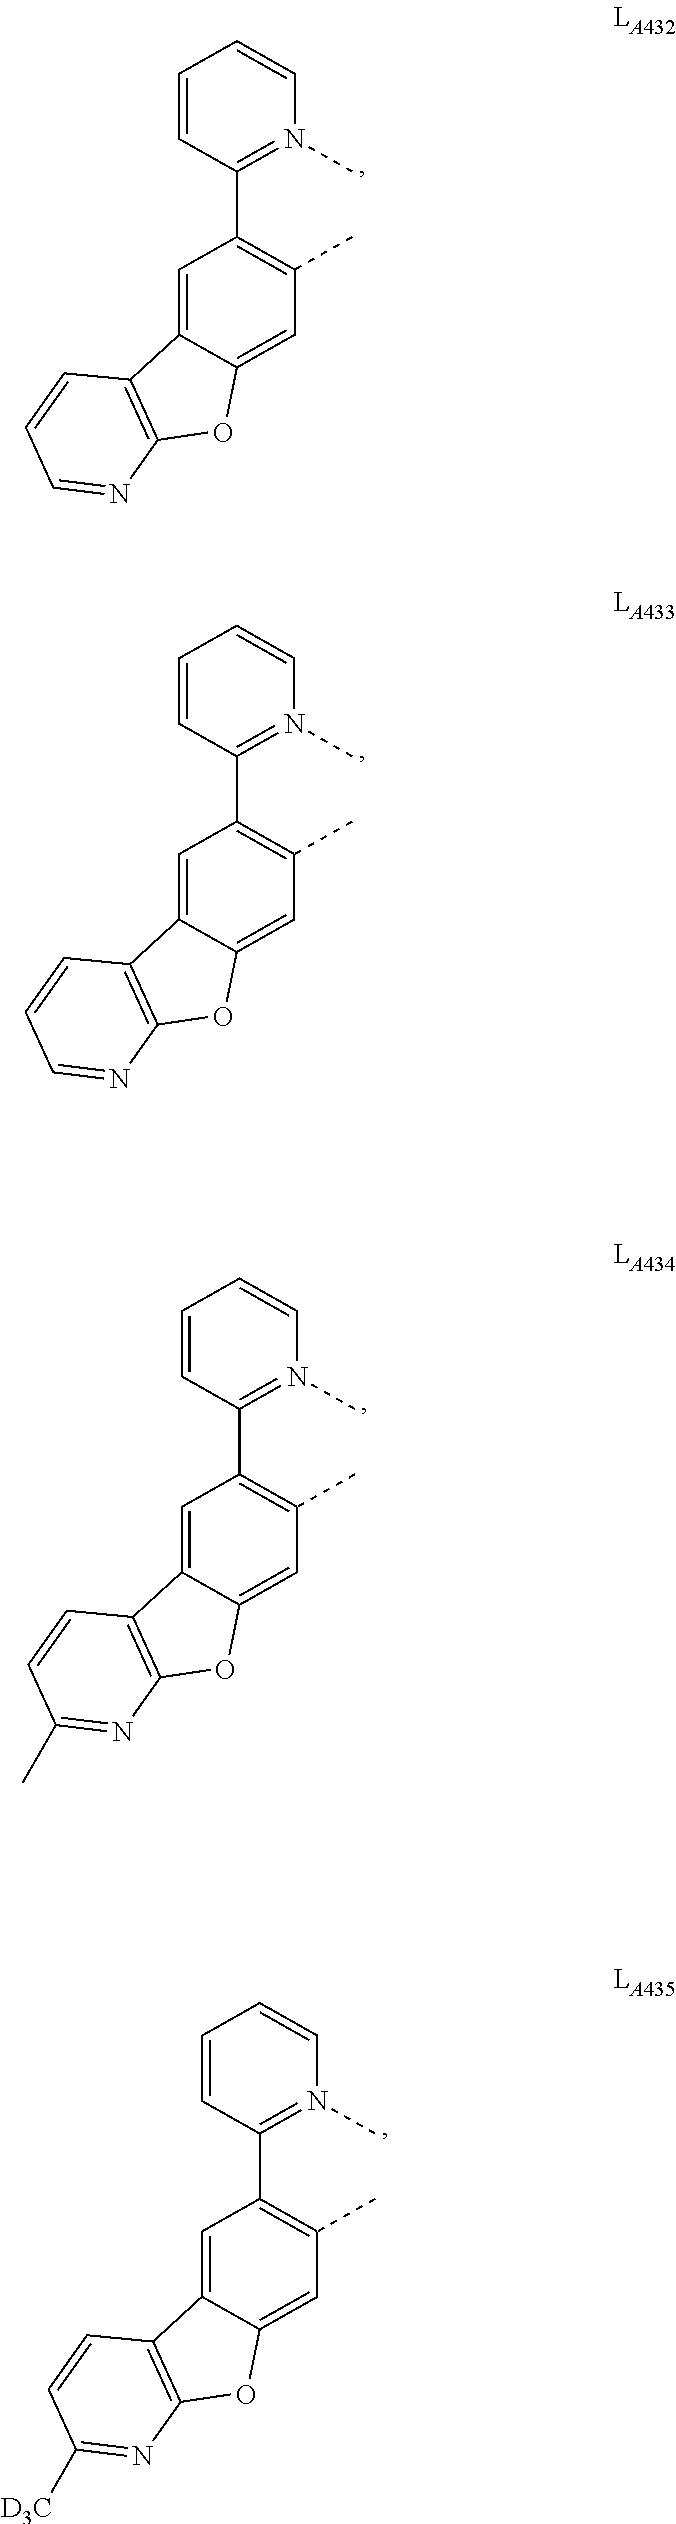 Figure US10043987-20180807-C00115